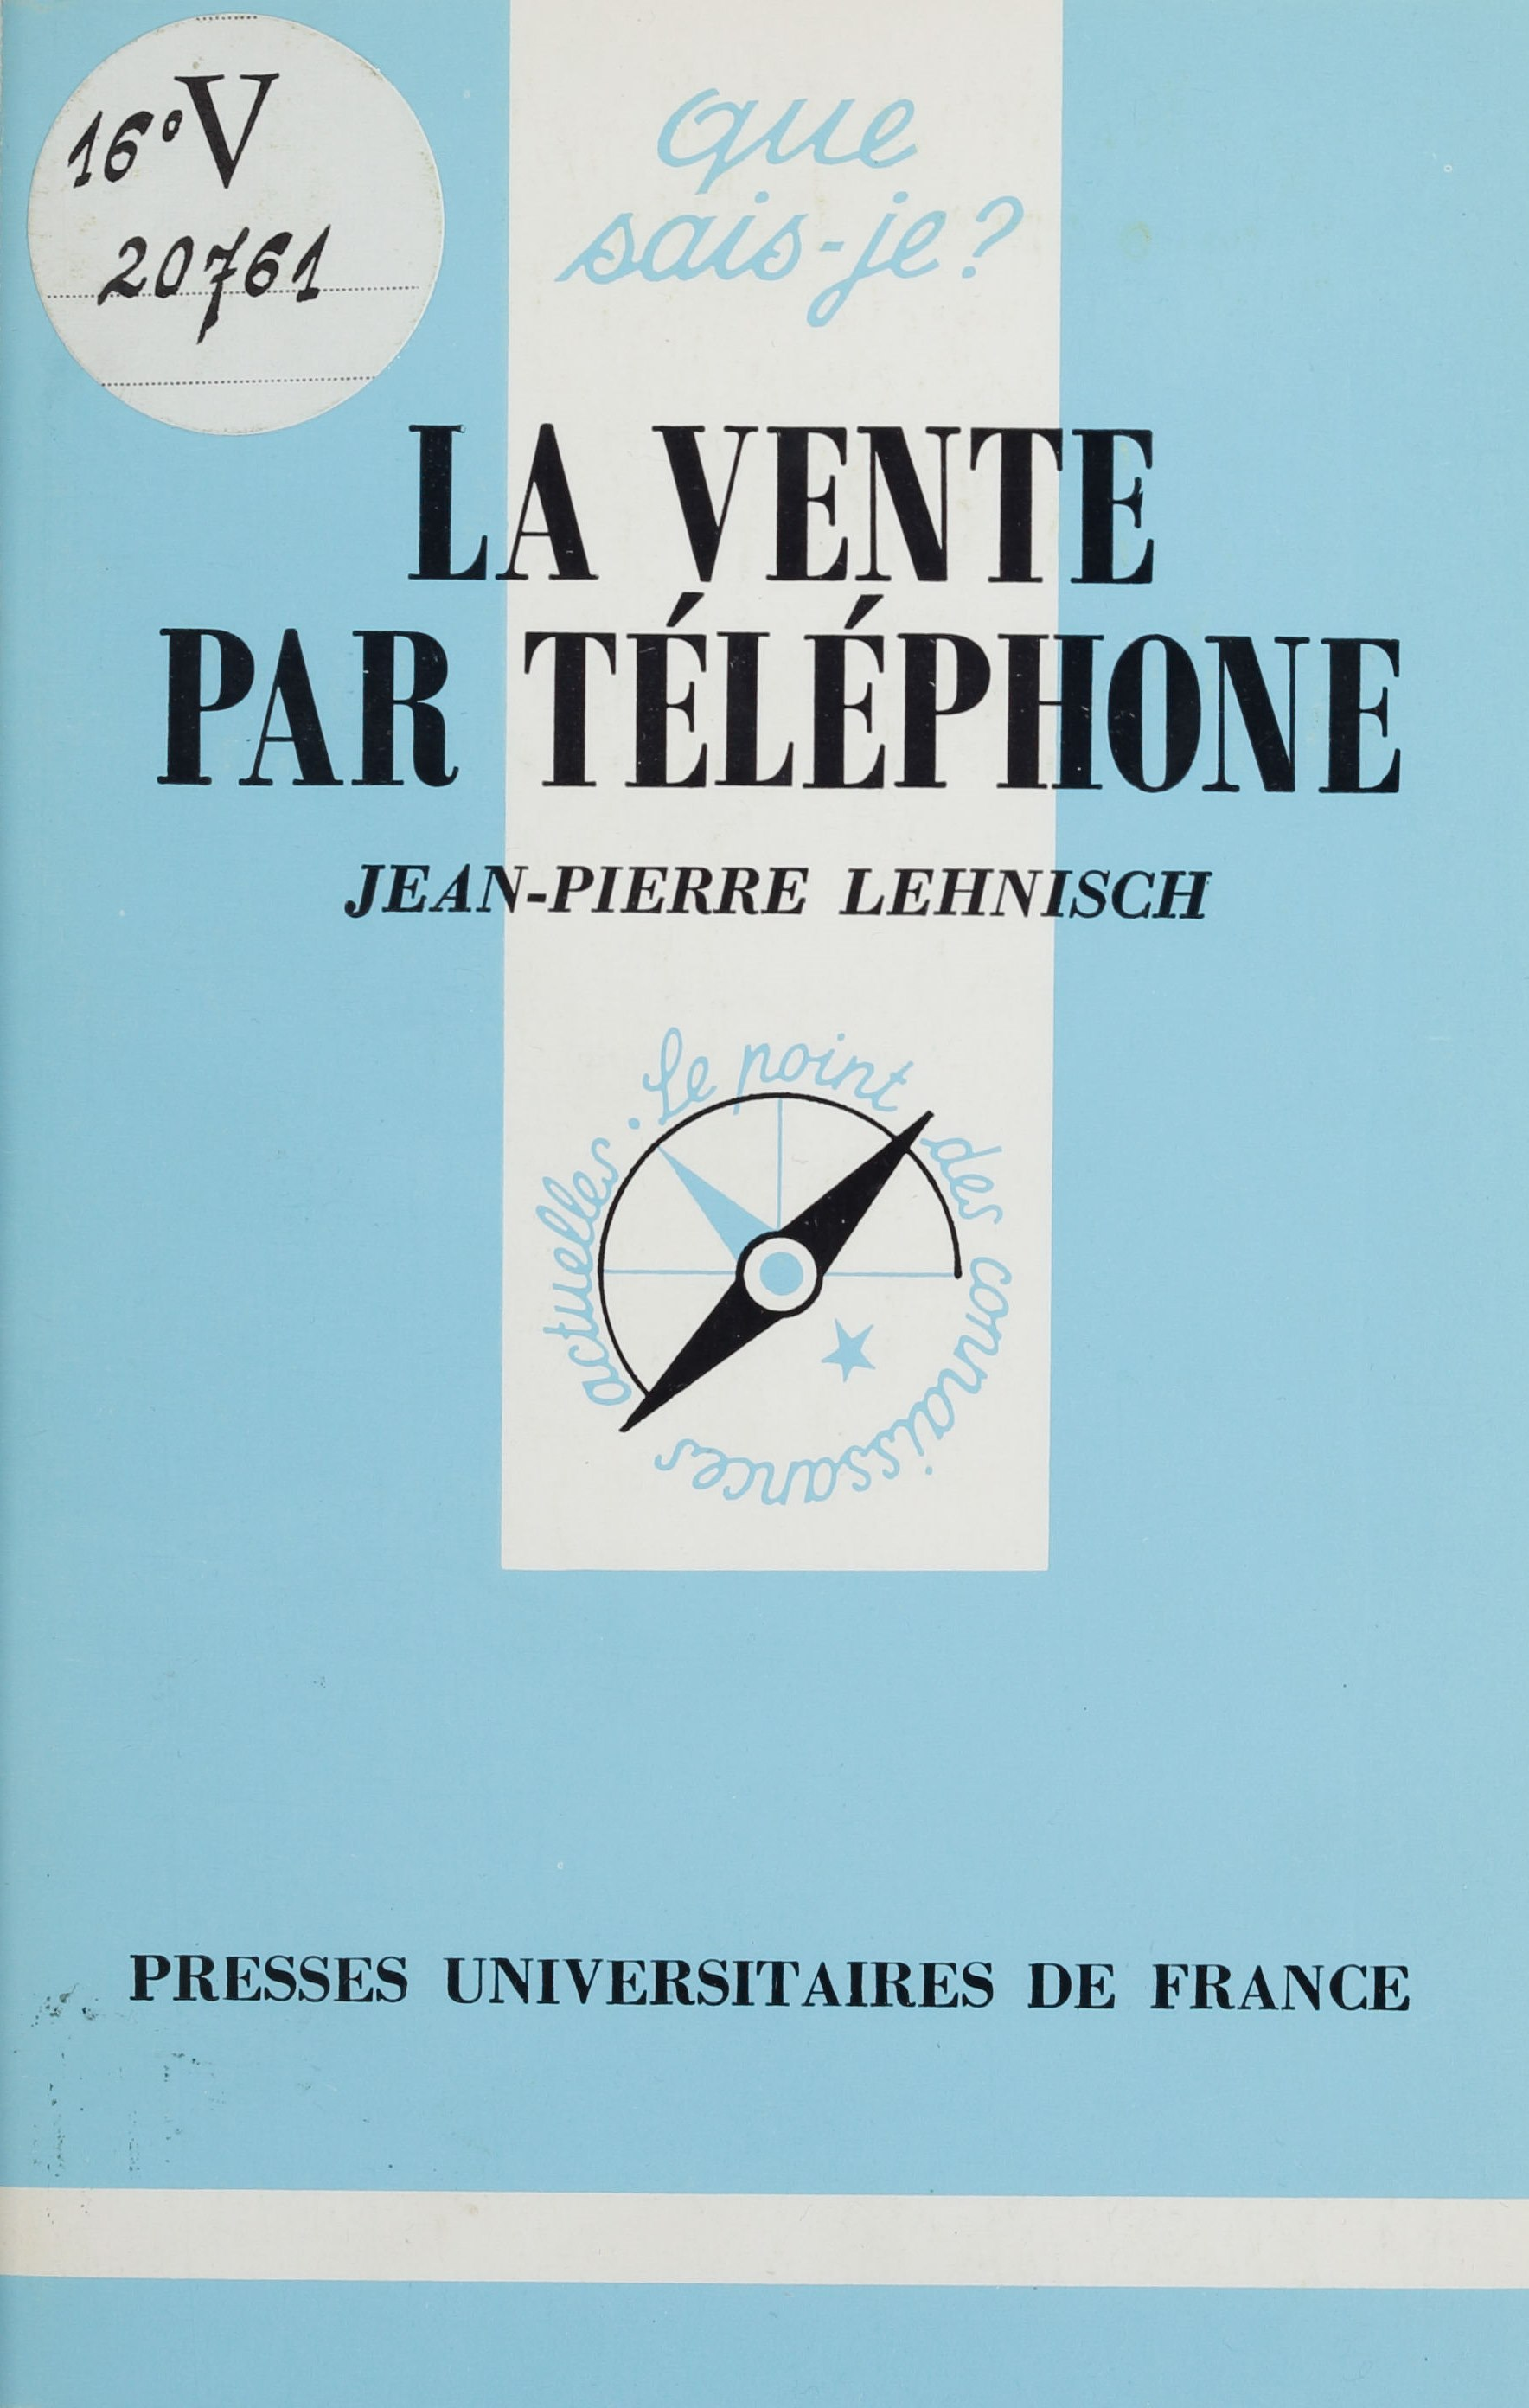 La Vente par téléphone